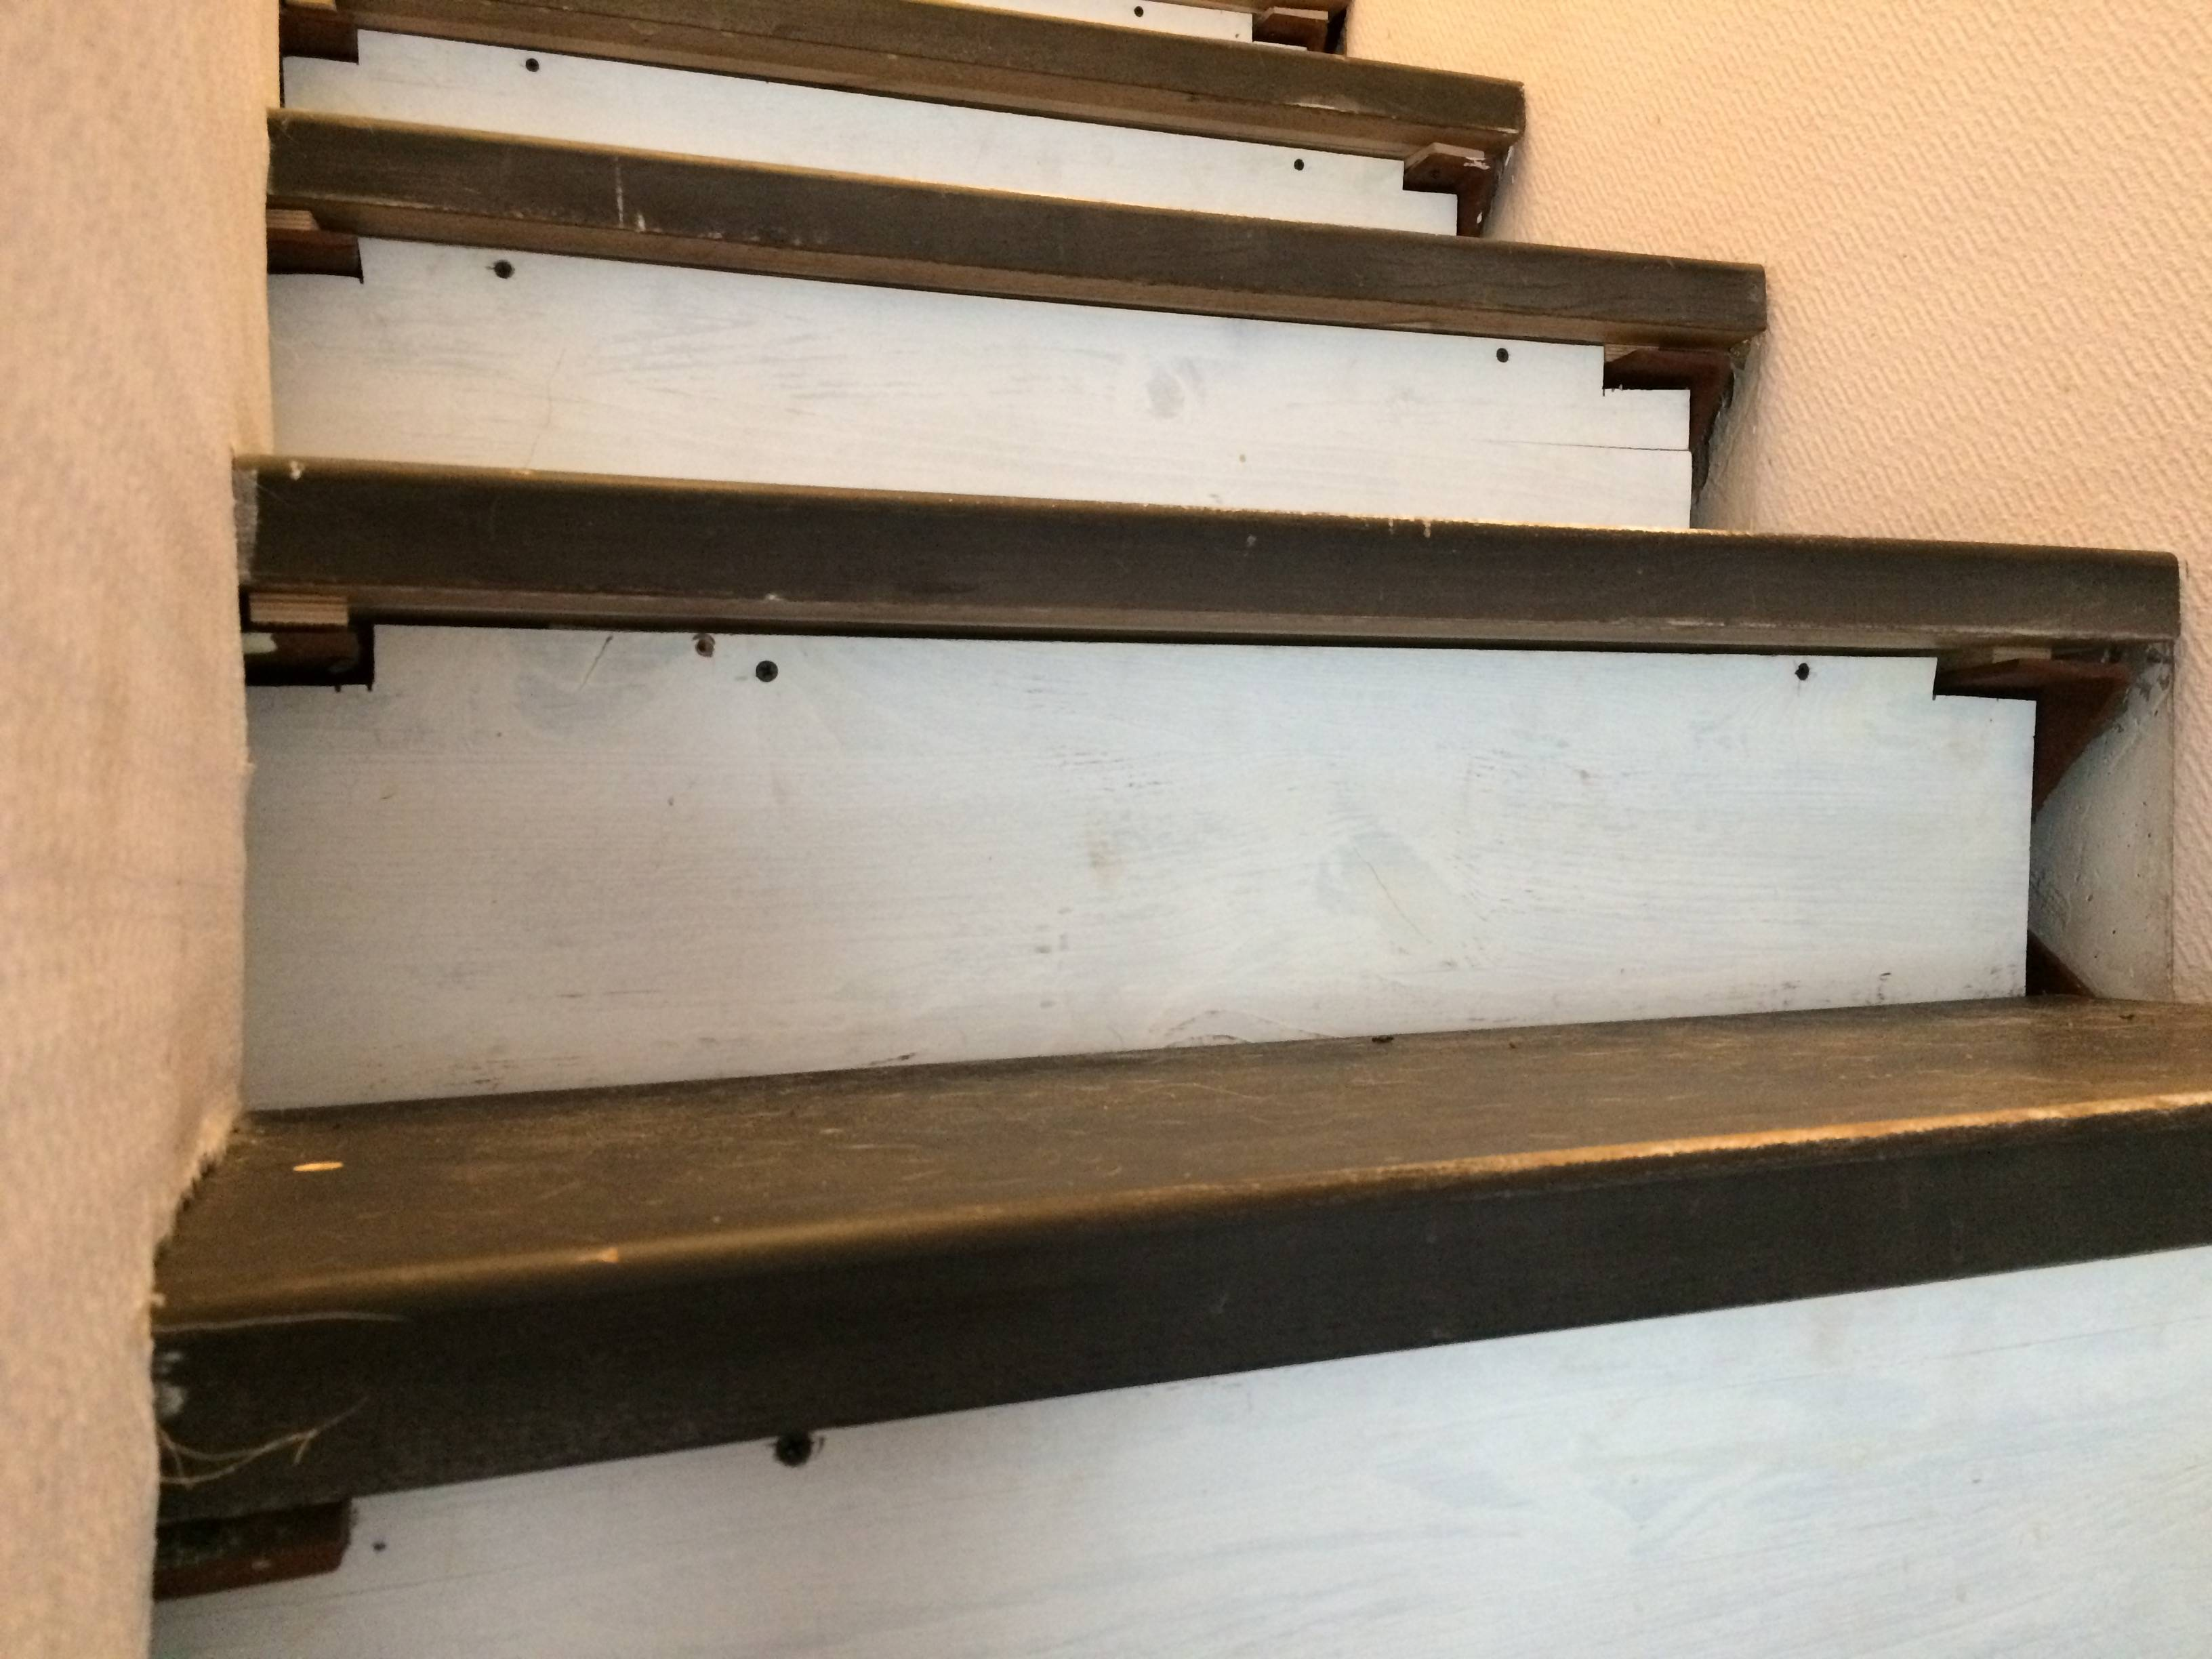 Как обшить металлокаркас лестницы деревом своими руками - инженер пто